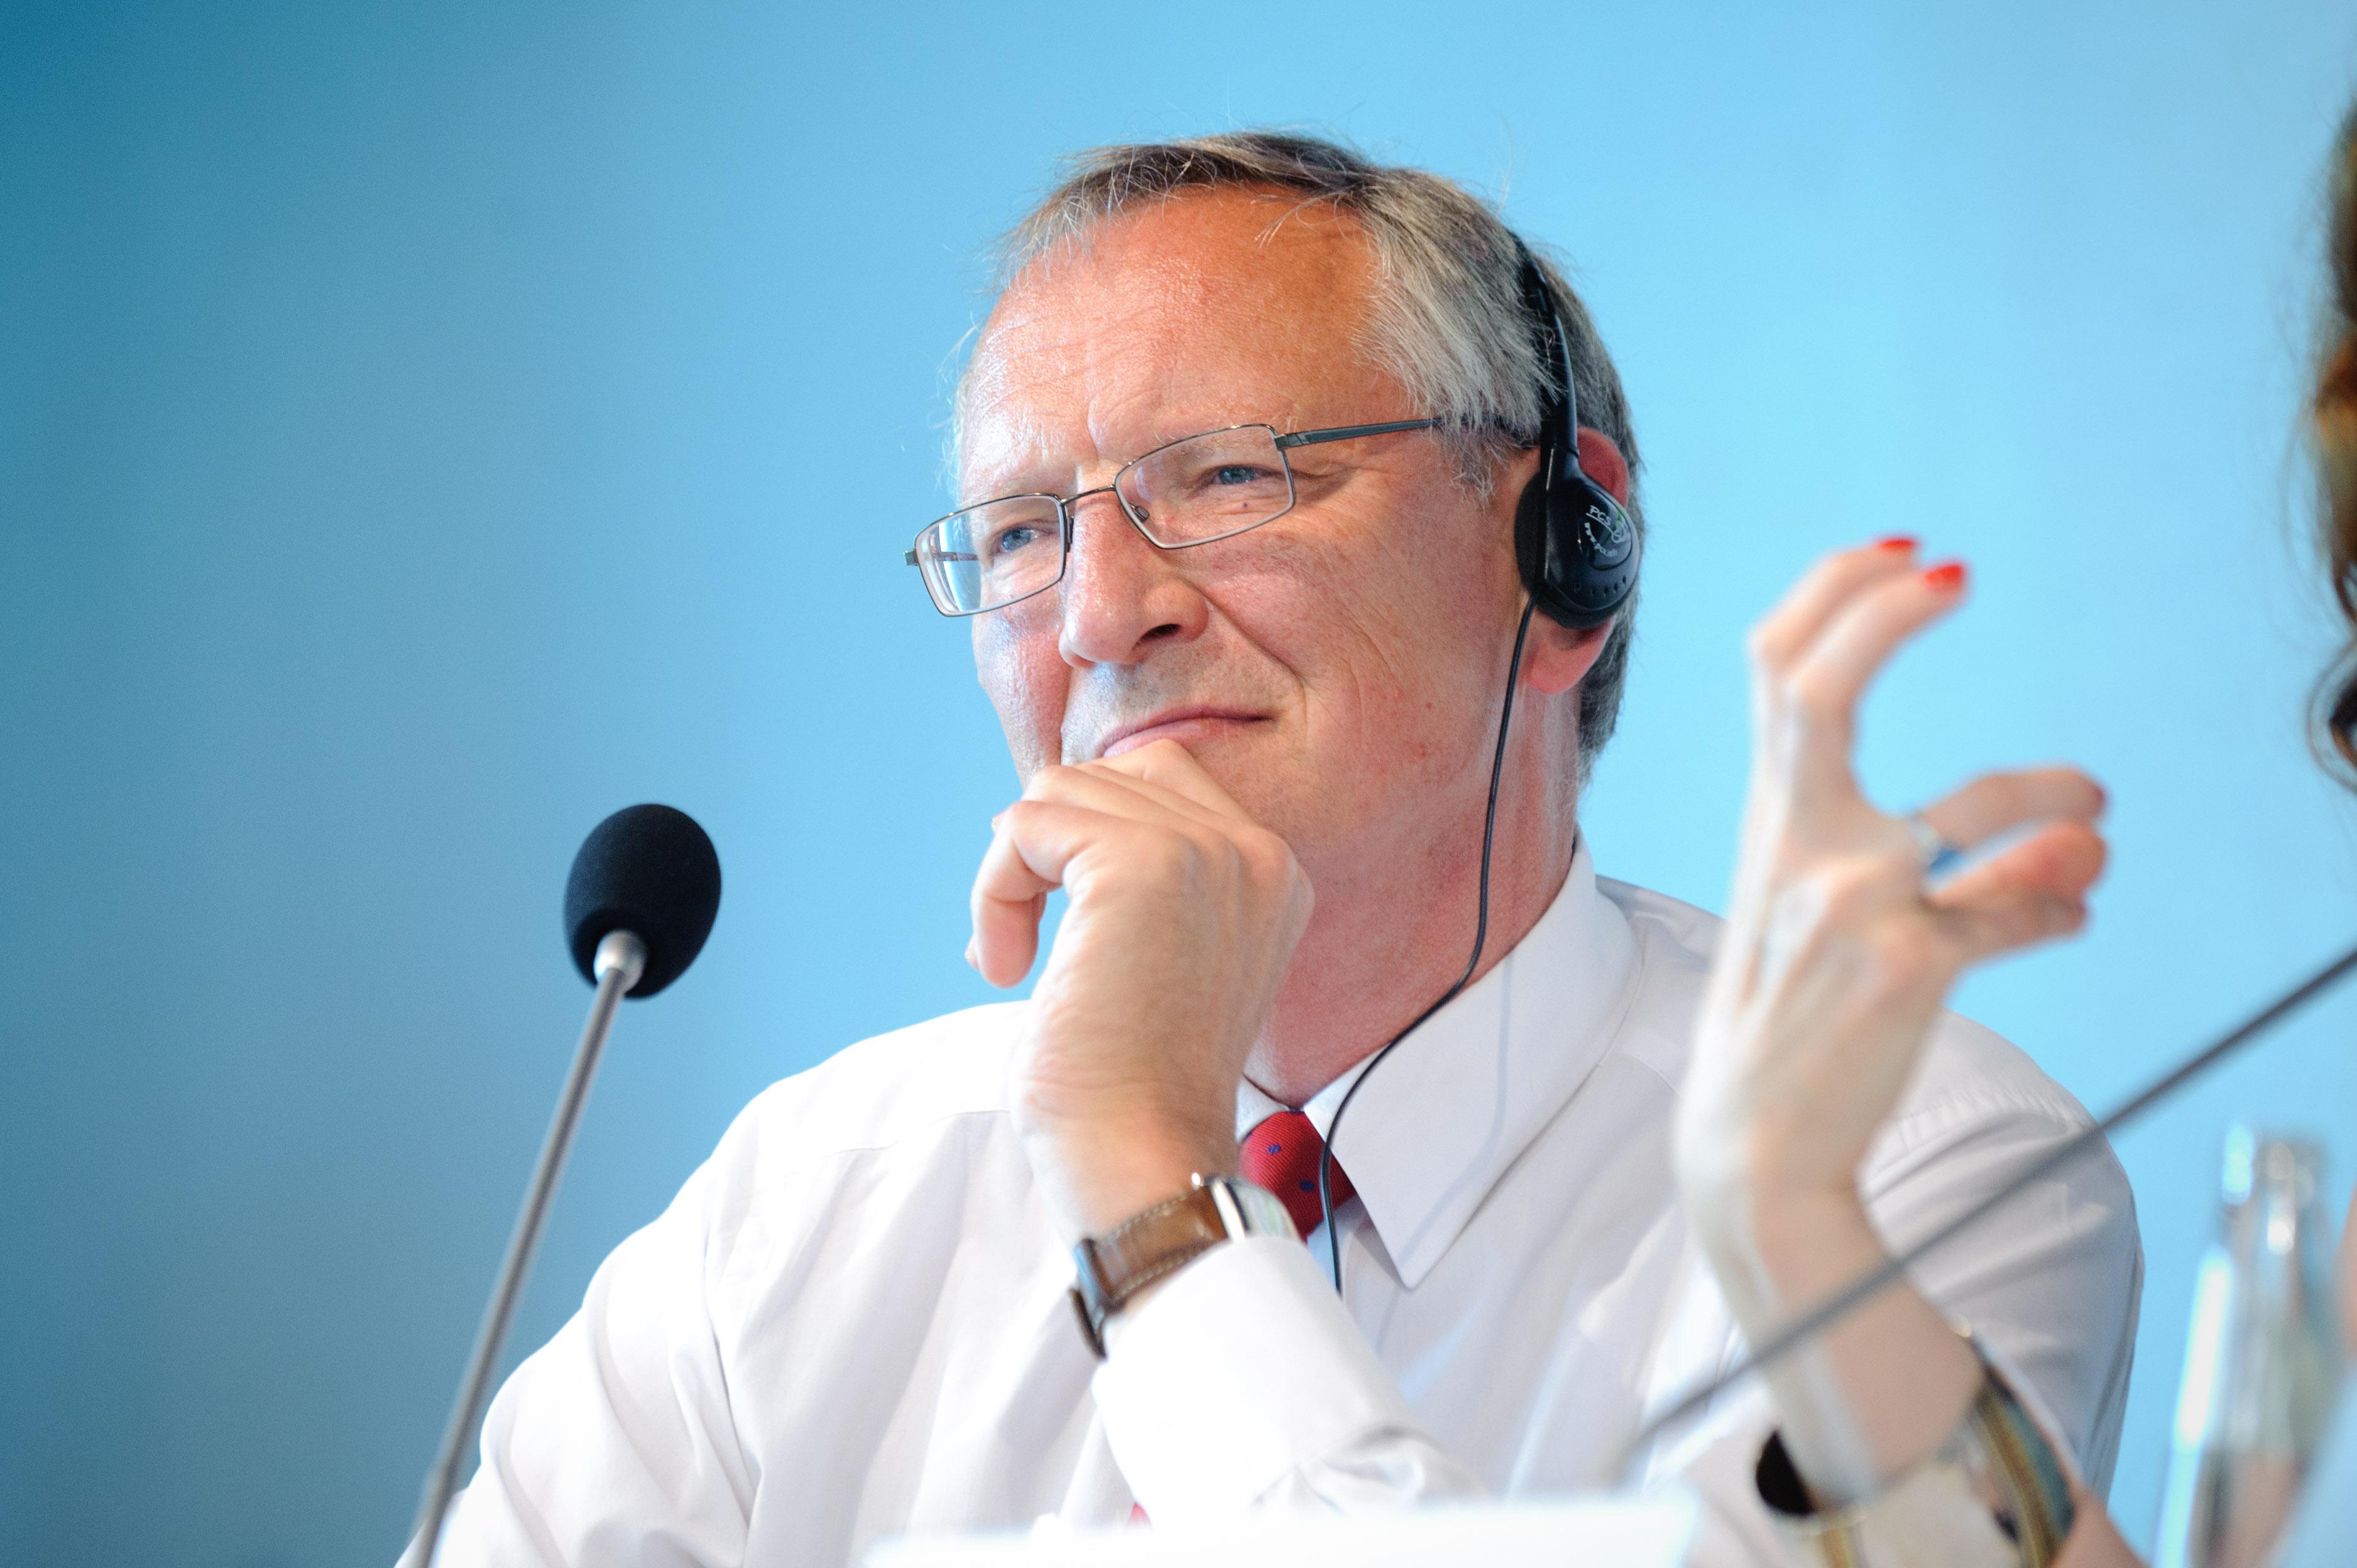 Nick Witney [Heinrich-Böll-Stiftung/Flickr]